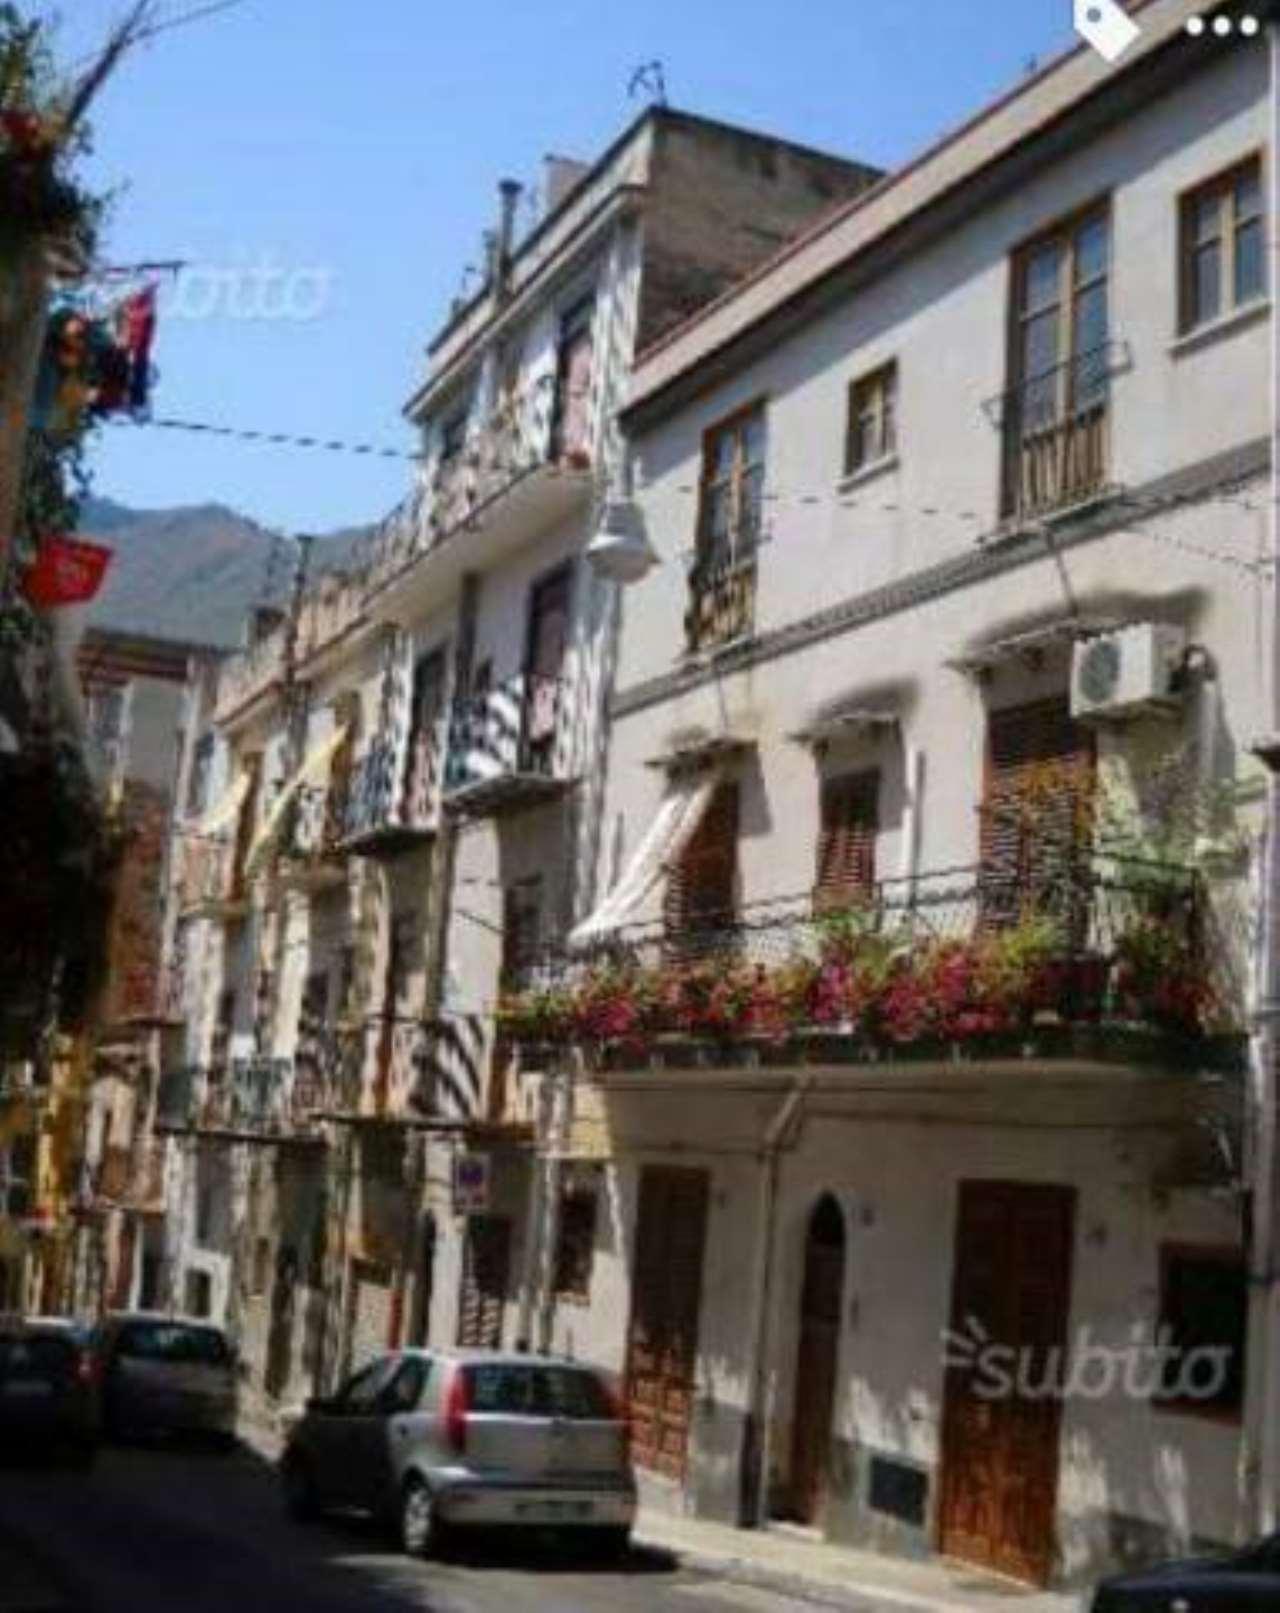 Appartamento in vendita a Carini, 3 locali, prezzo € 39.000 | PortaleAgenzieImmobiliari.it